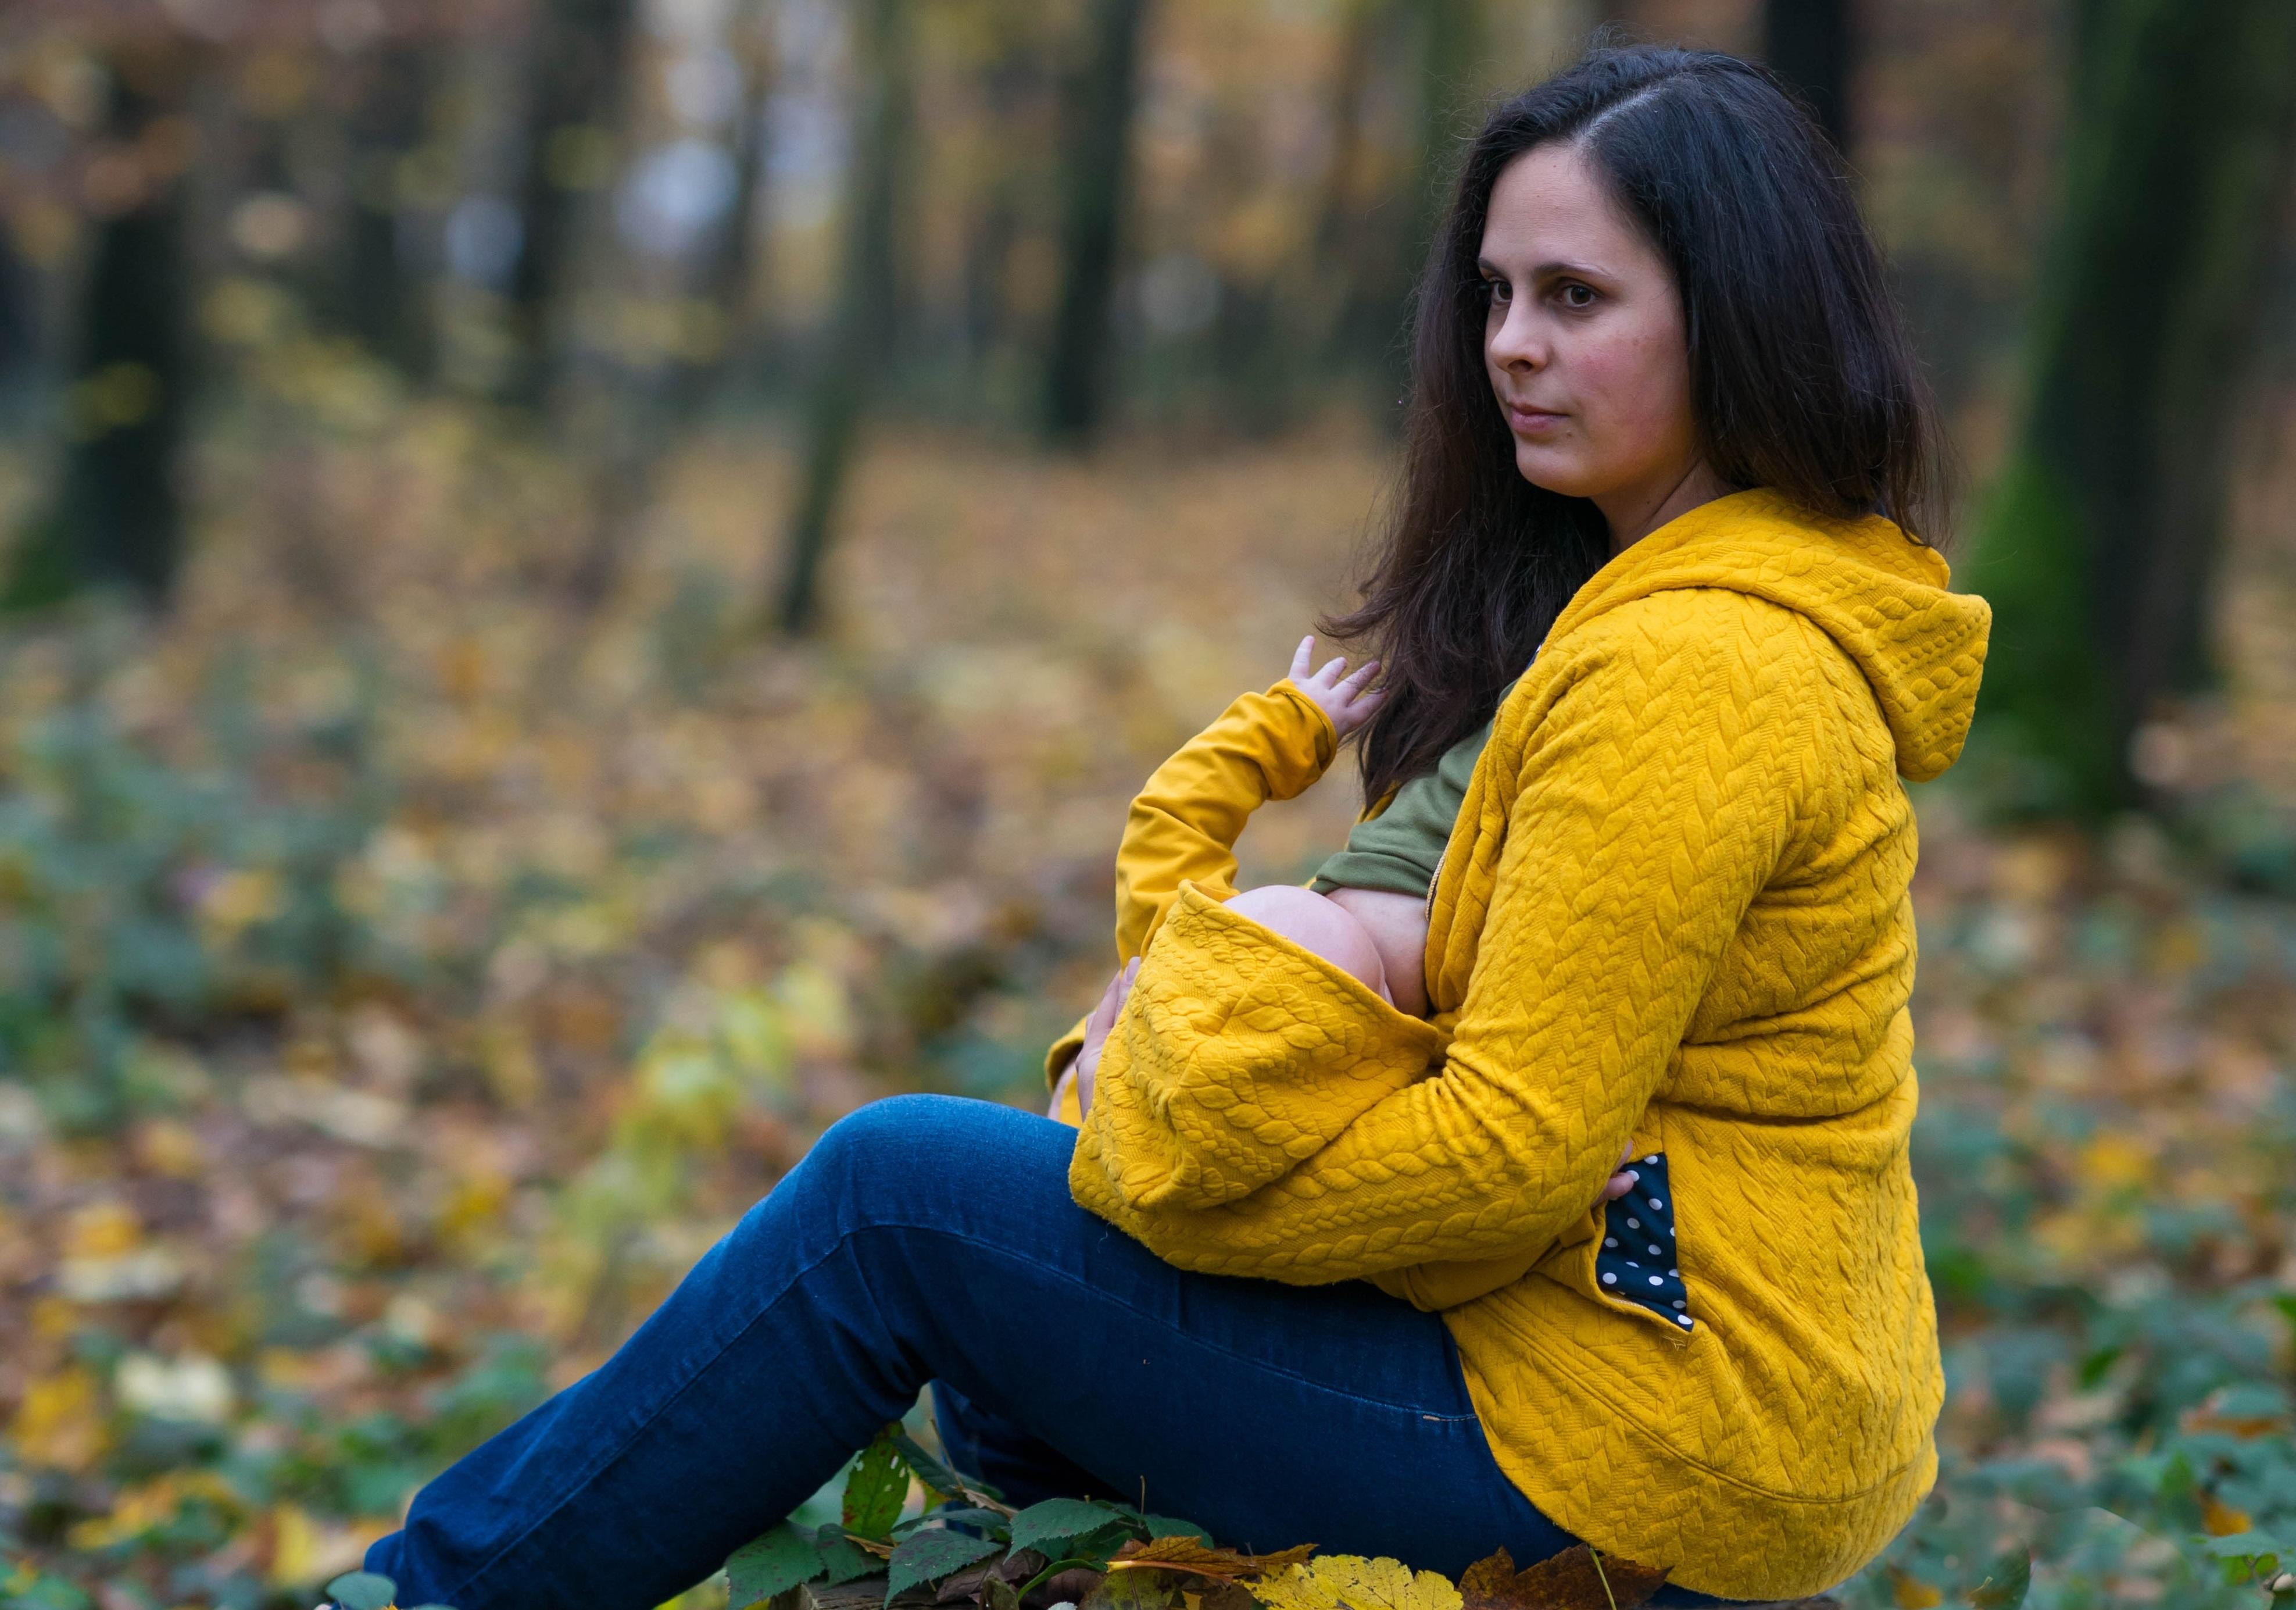 Péče o zdraví kojící ženy - doplňky stravy